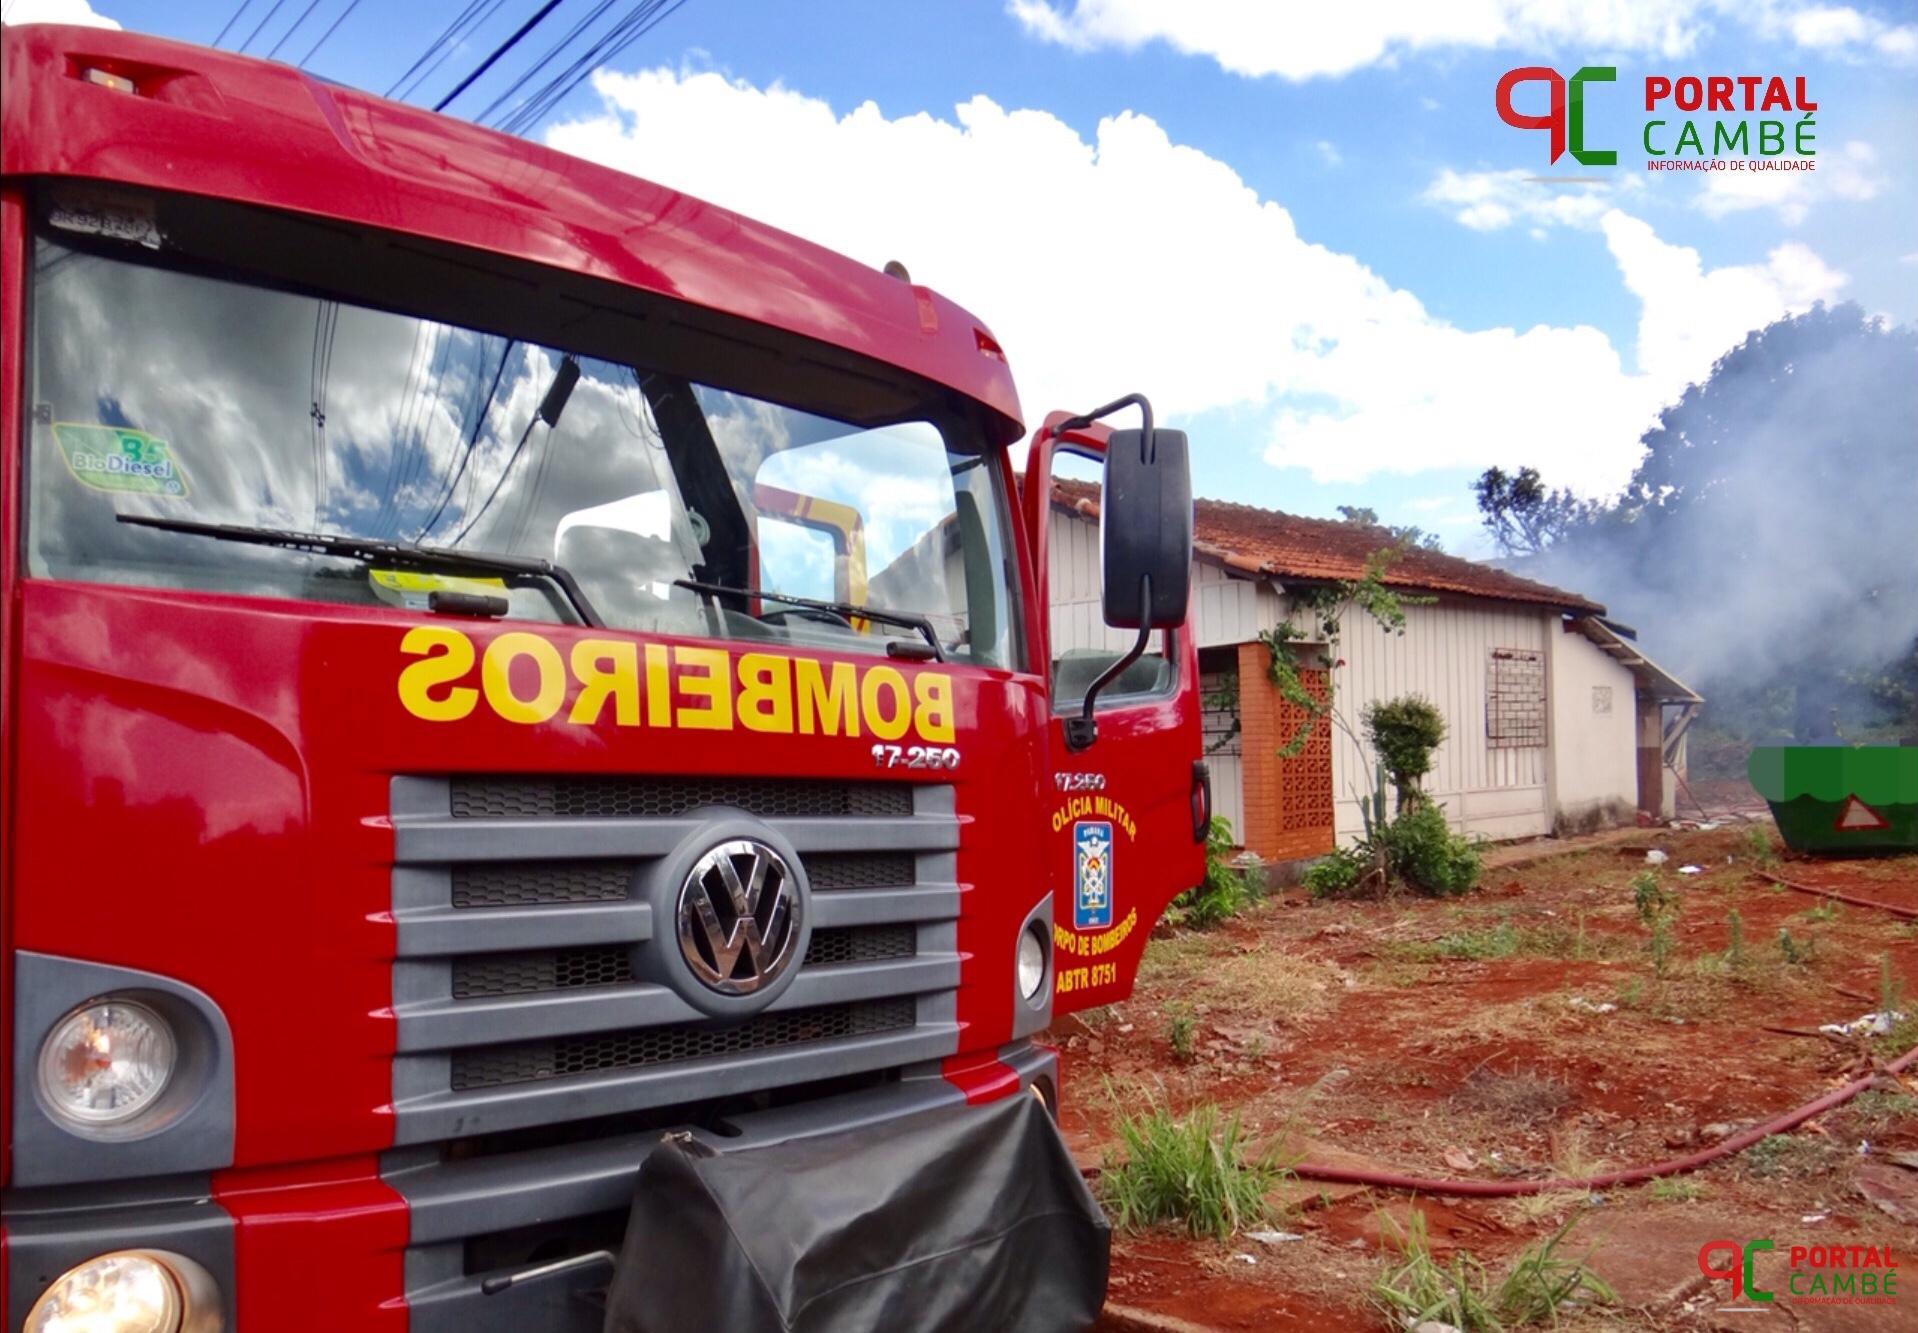 Incêndio destrói parcialmente uma casa abandonada no Centro de Cambé